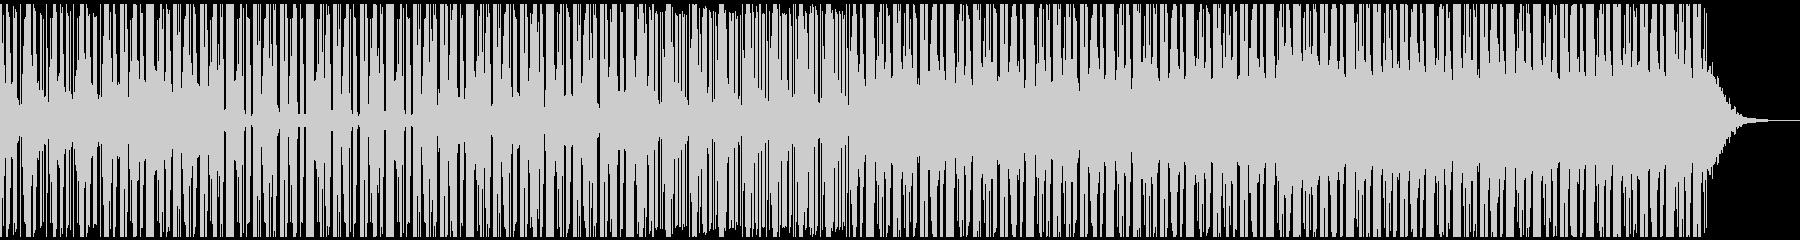 重すぎないホラーなBGM お化け屋敷の未再生の波形